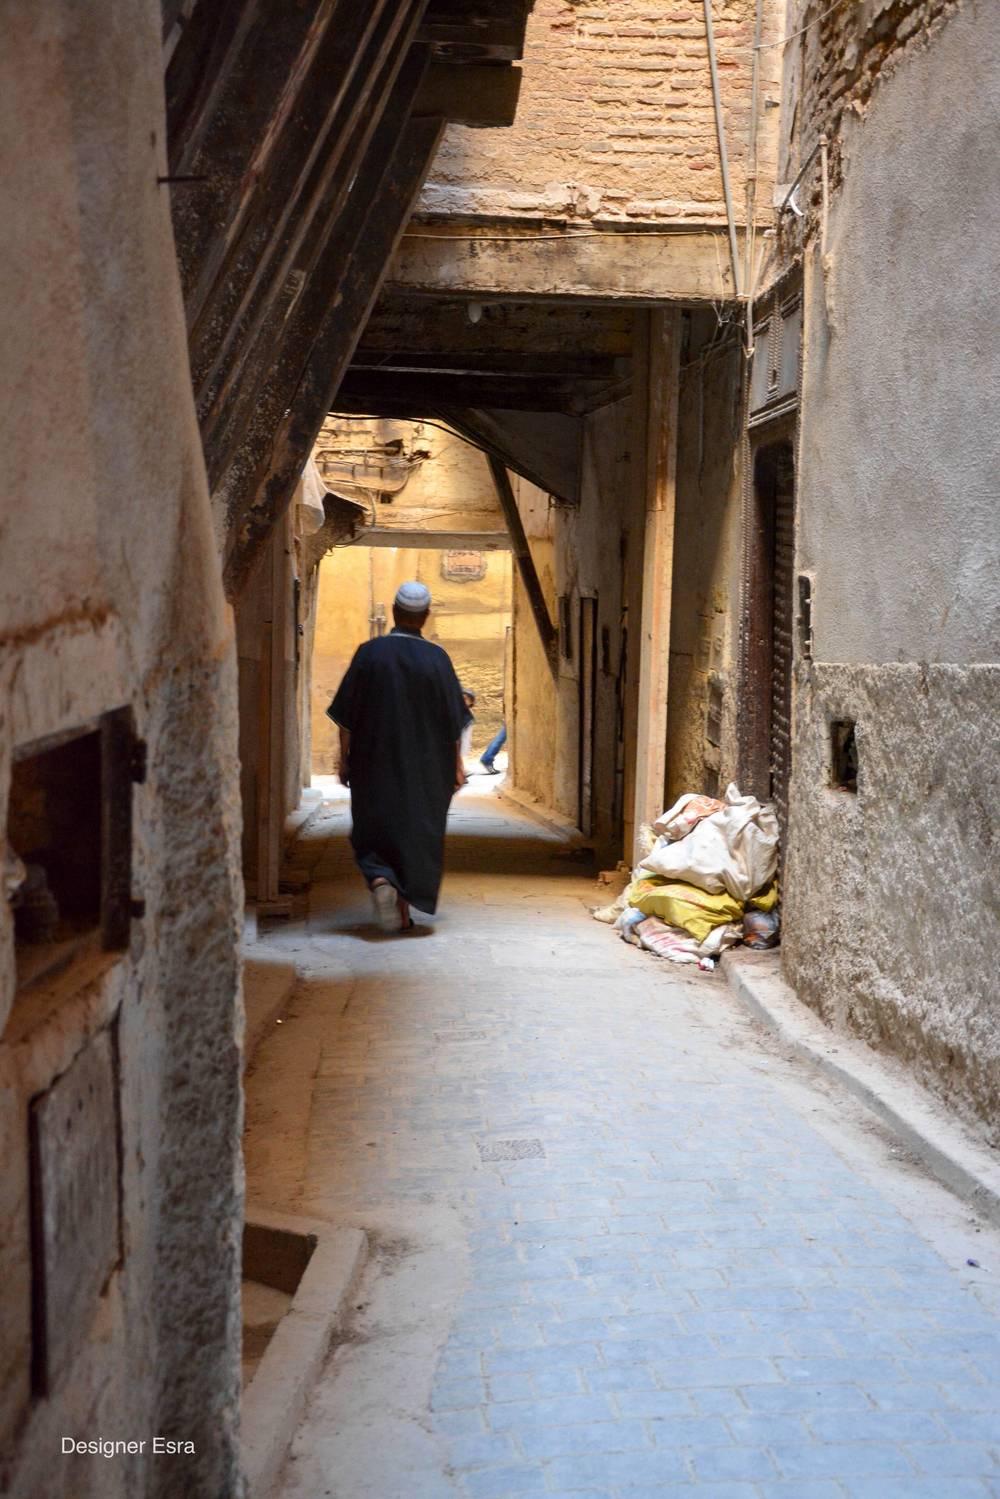 Alleyway of Fez